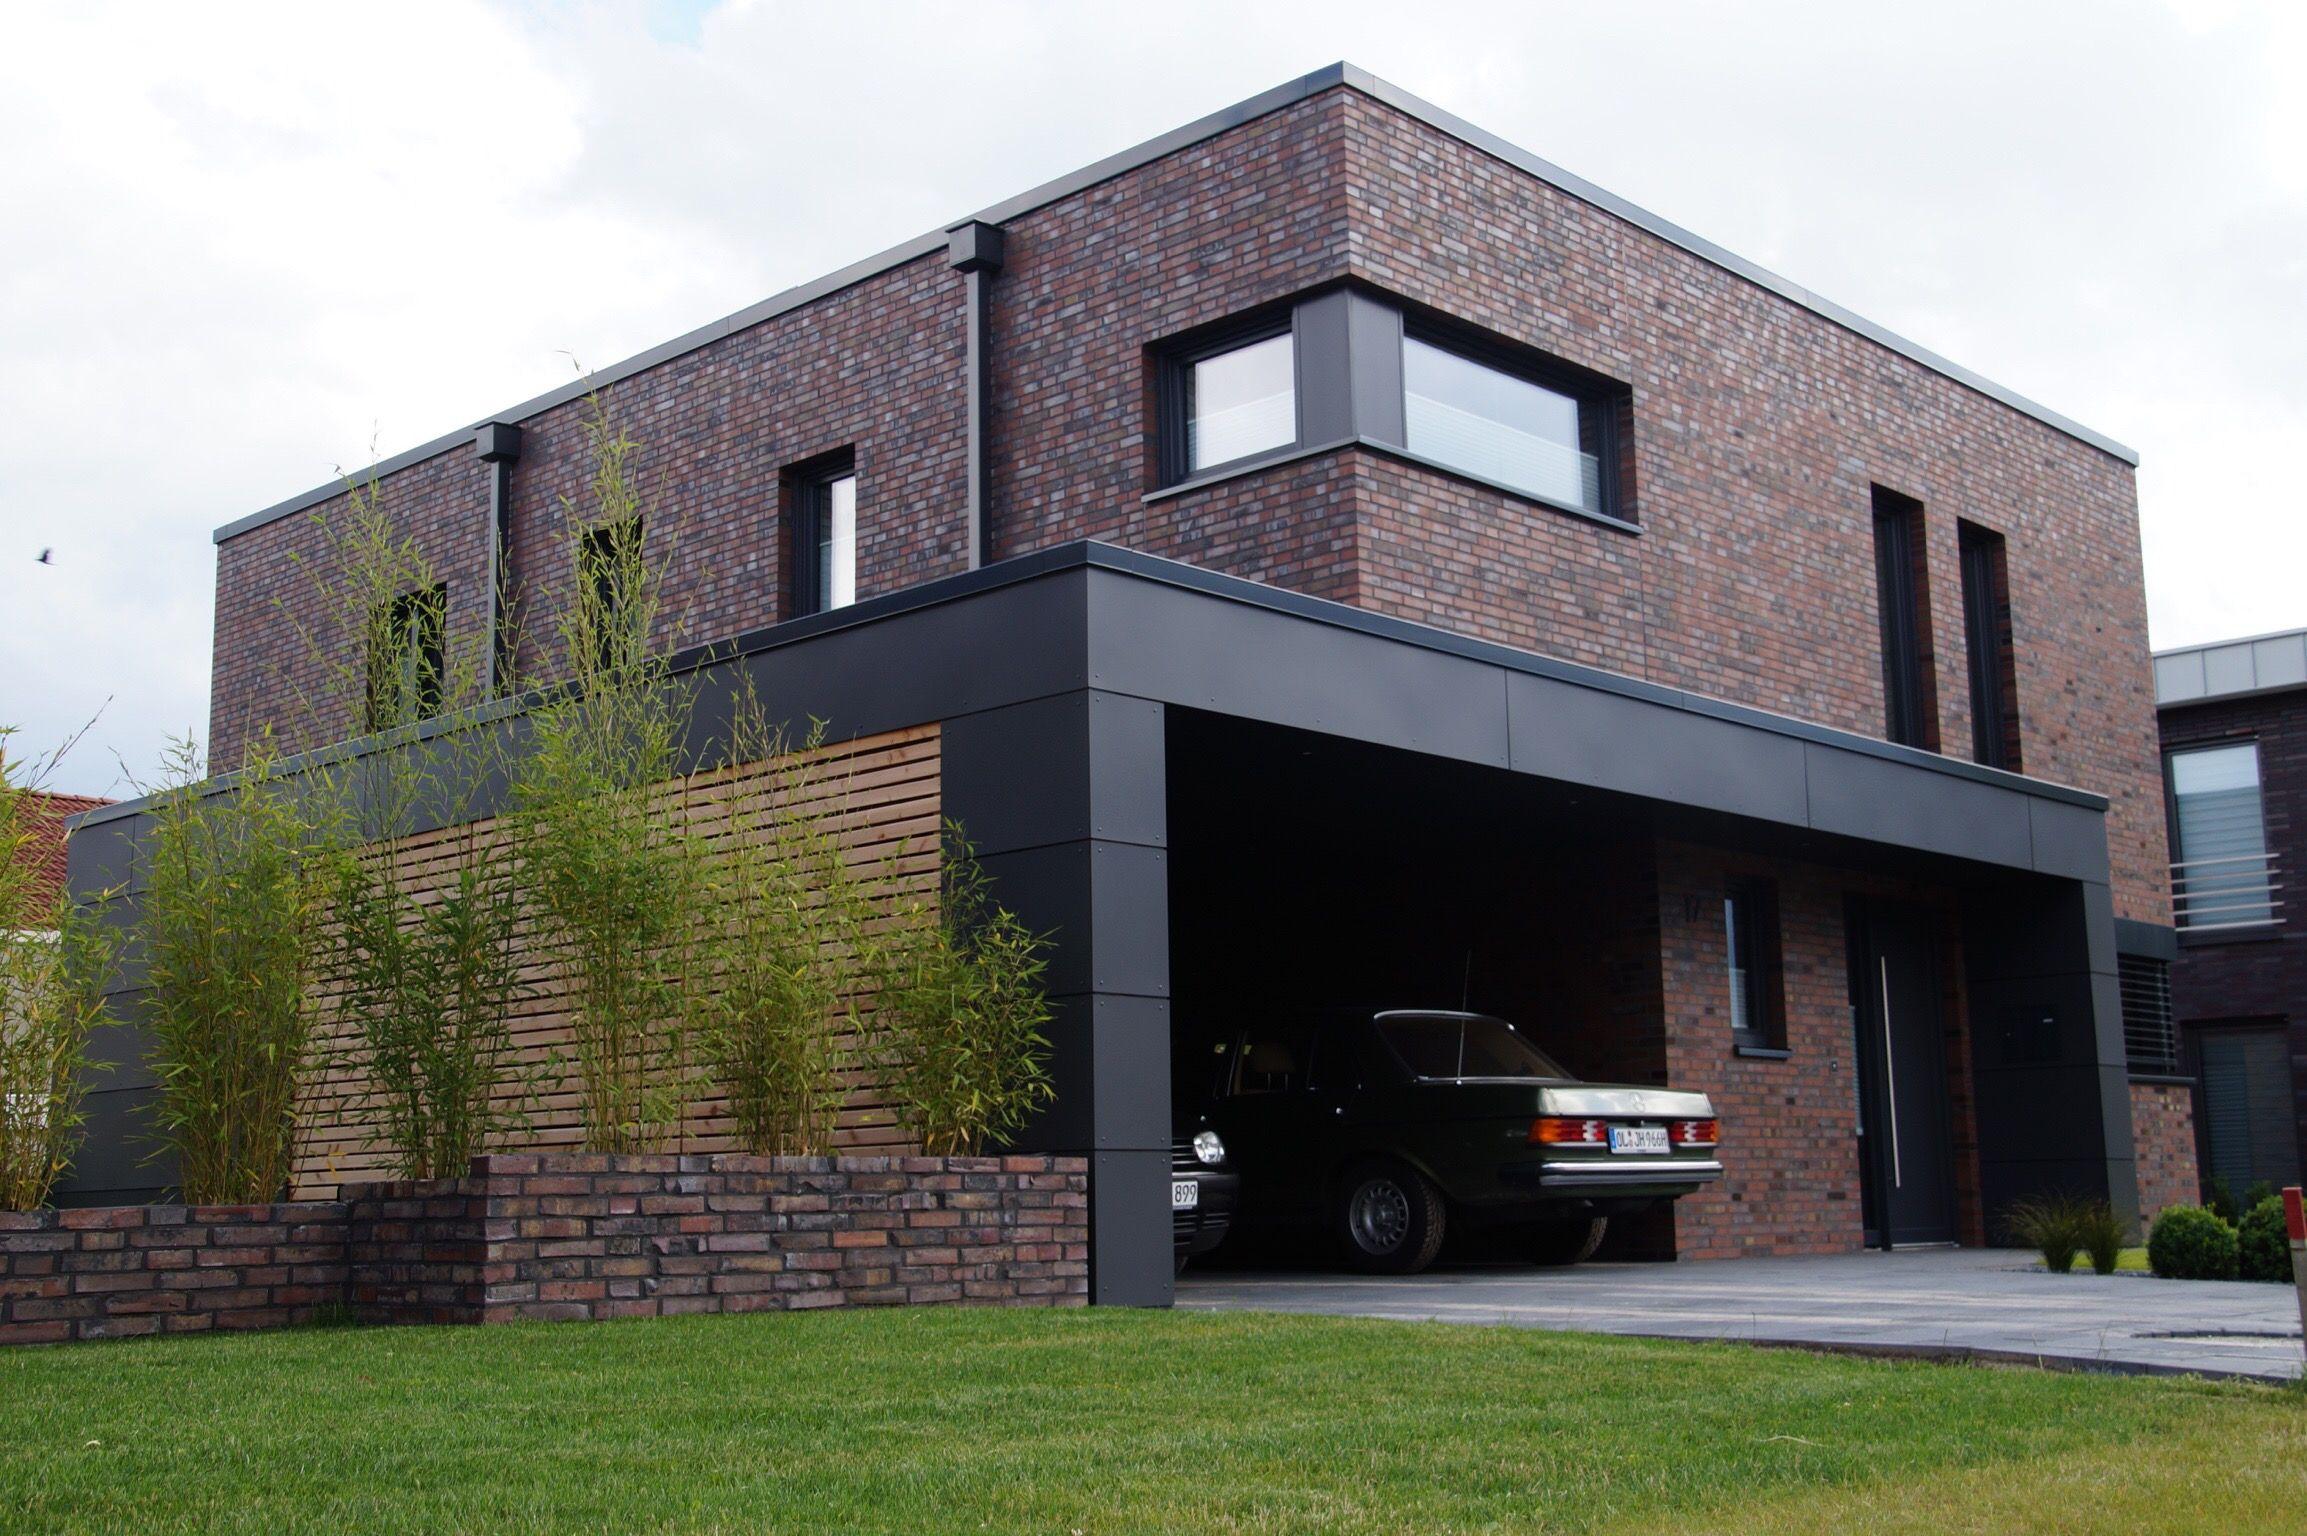 kubushaus klinker hagemeister l beck trespa ral 7016 fa ade pinterest. Black Bedroom Furniture Sets. Home Design Ideas